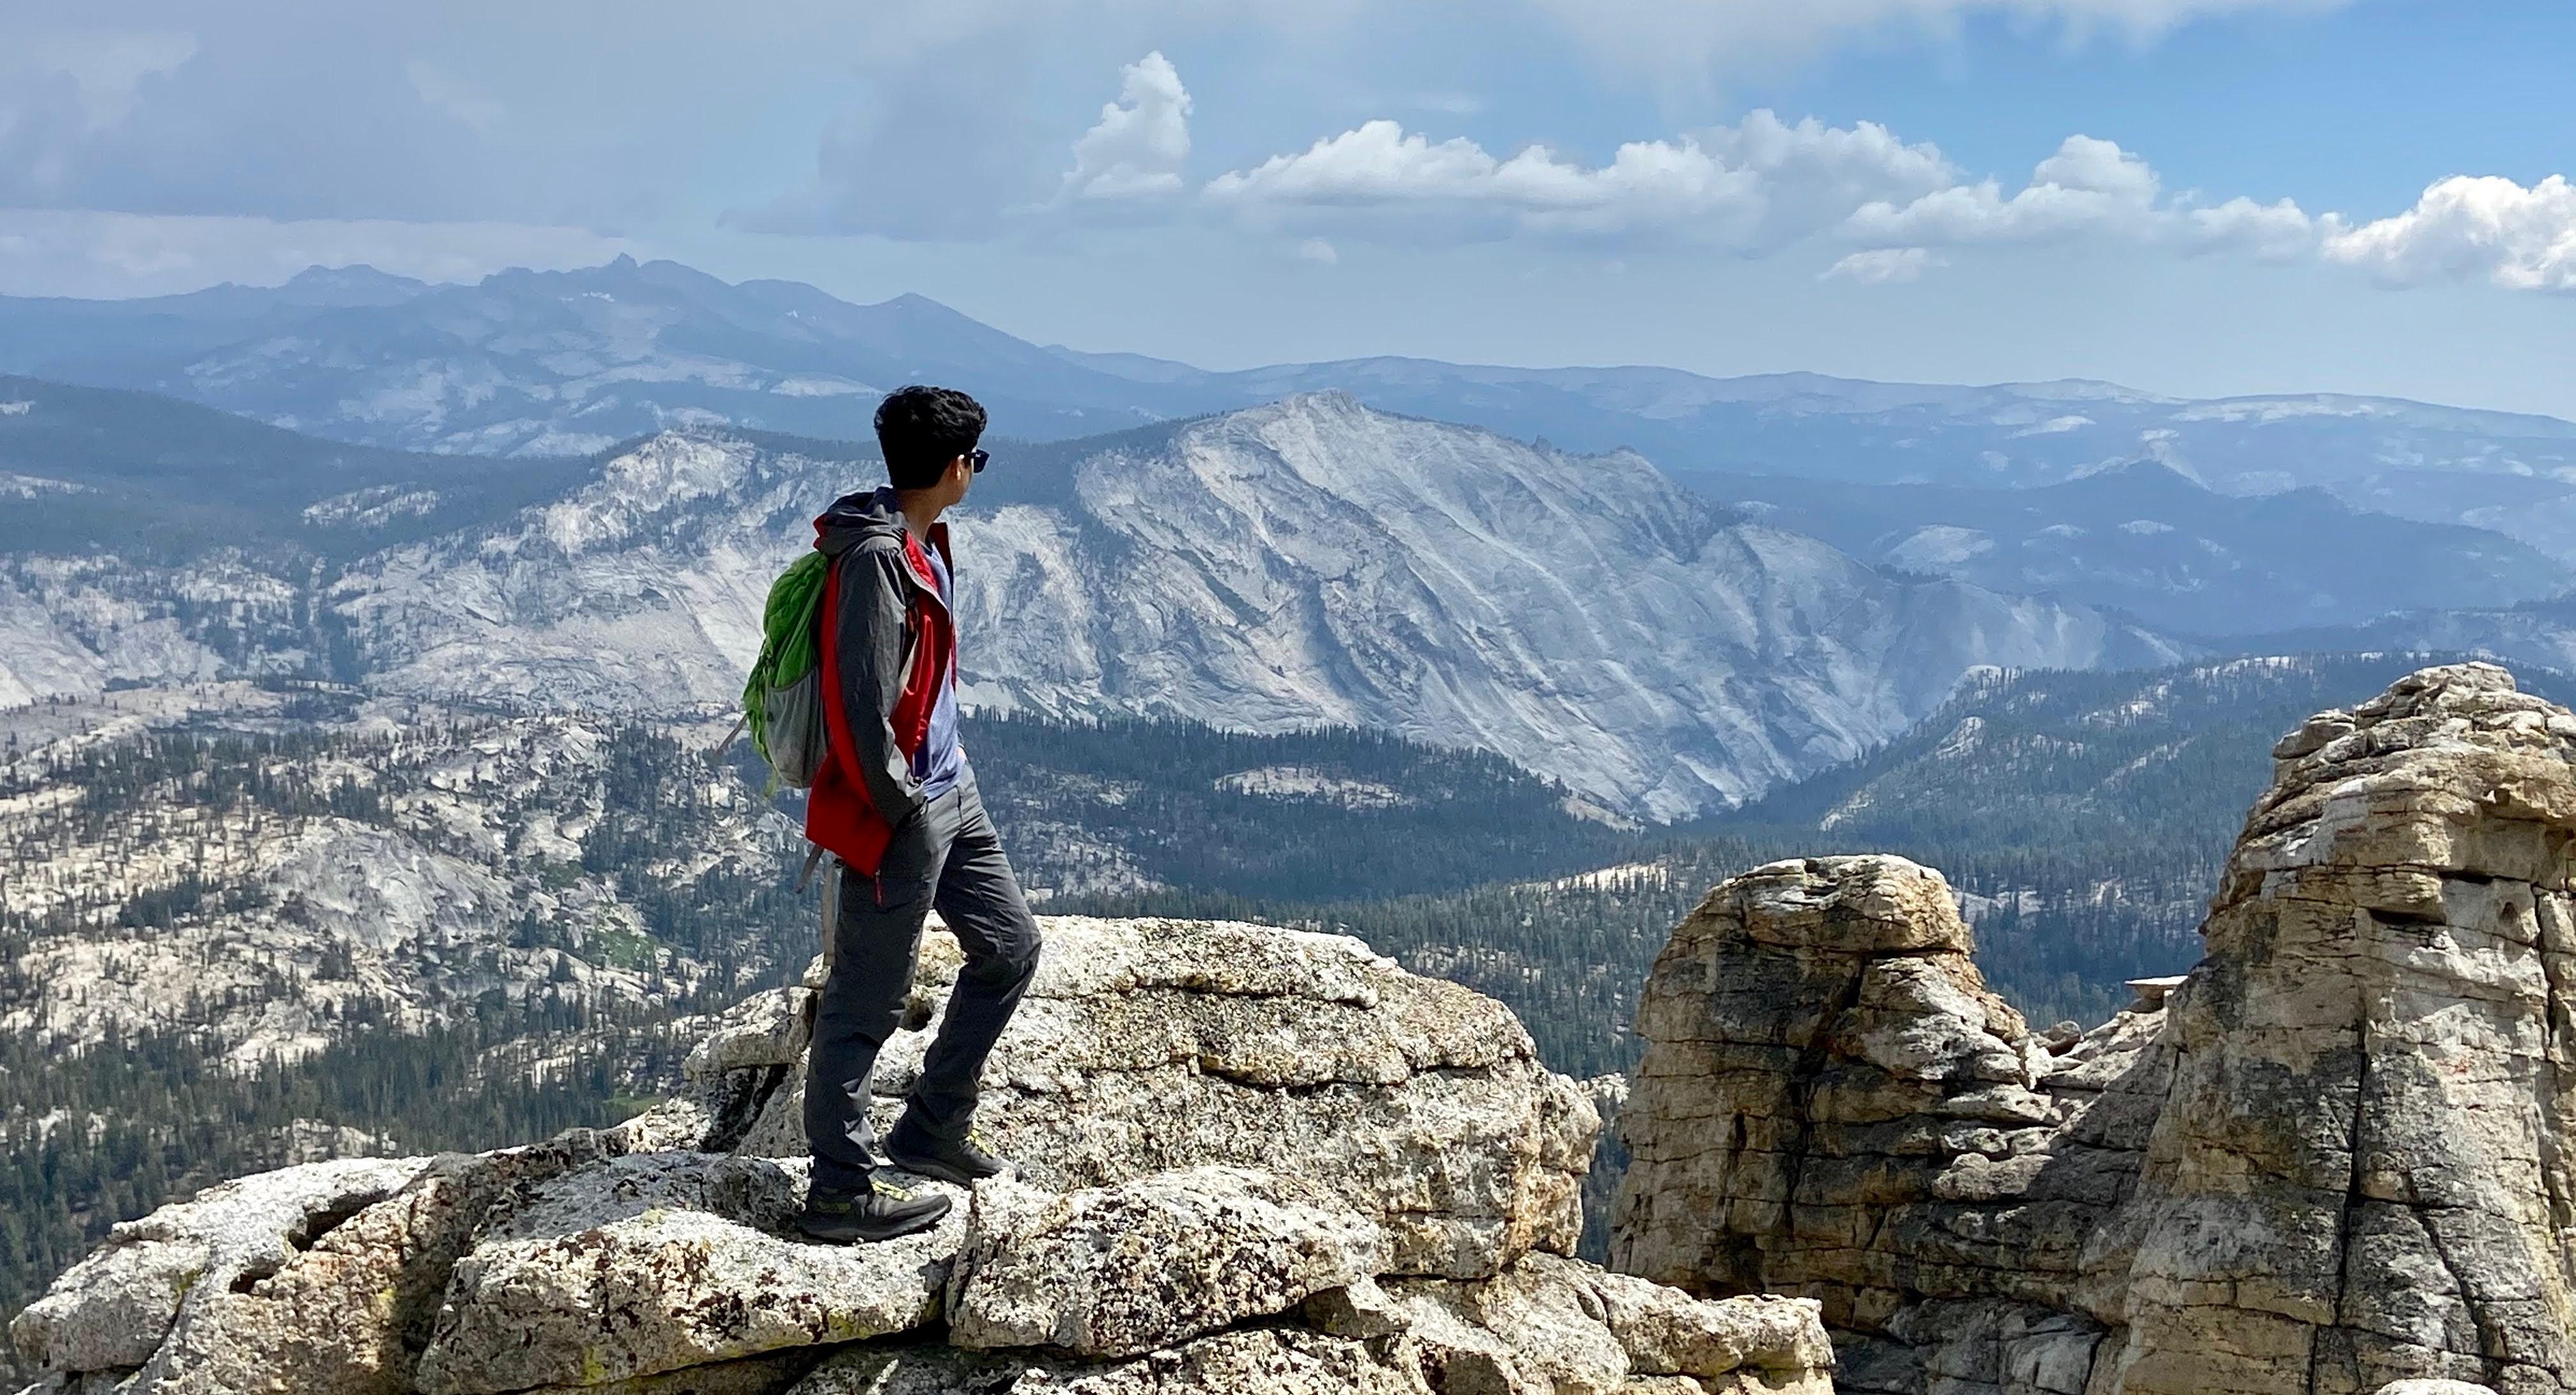 Mount Hoffman, Yosemite